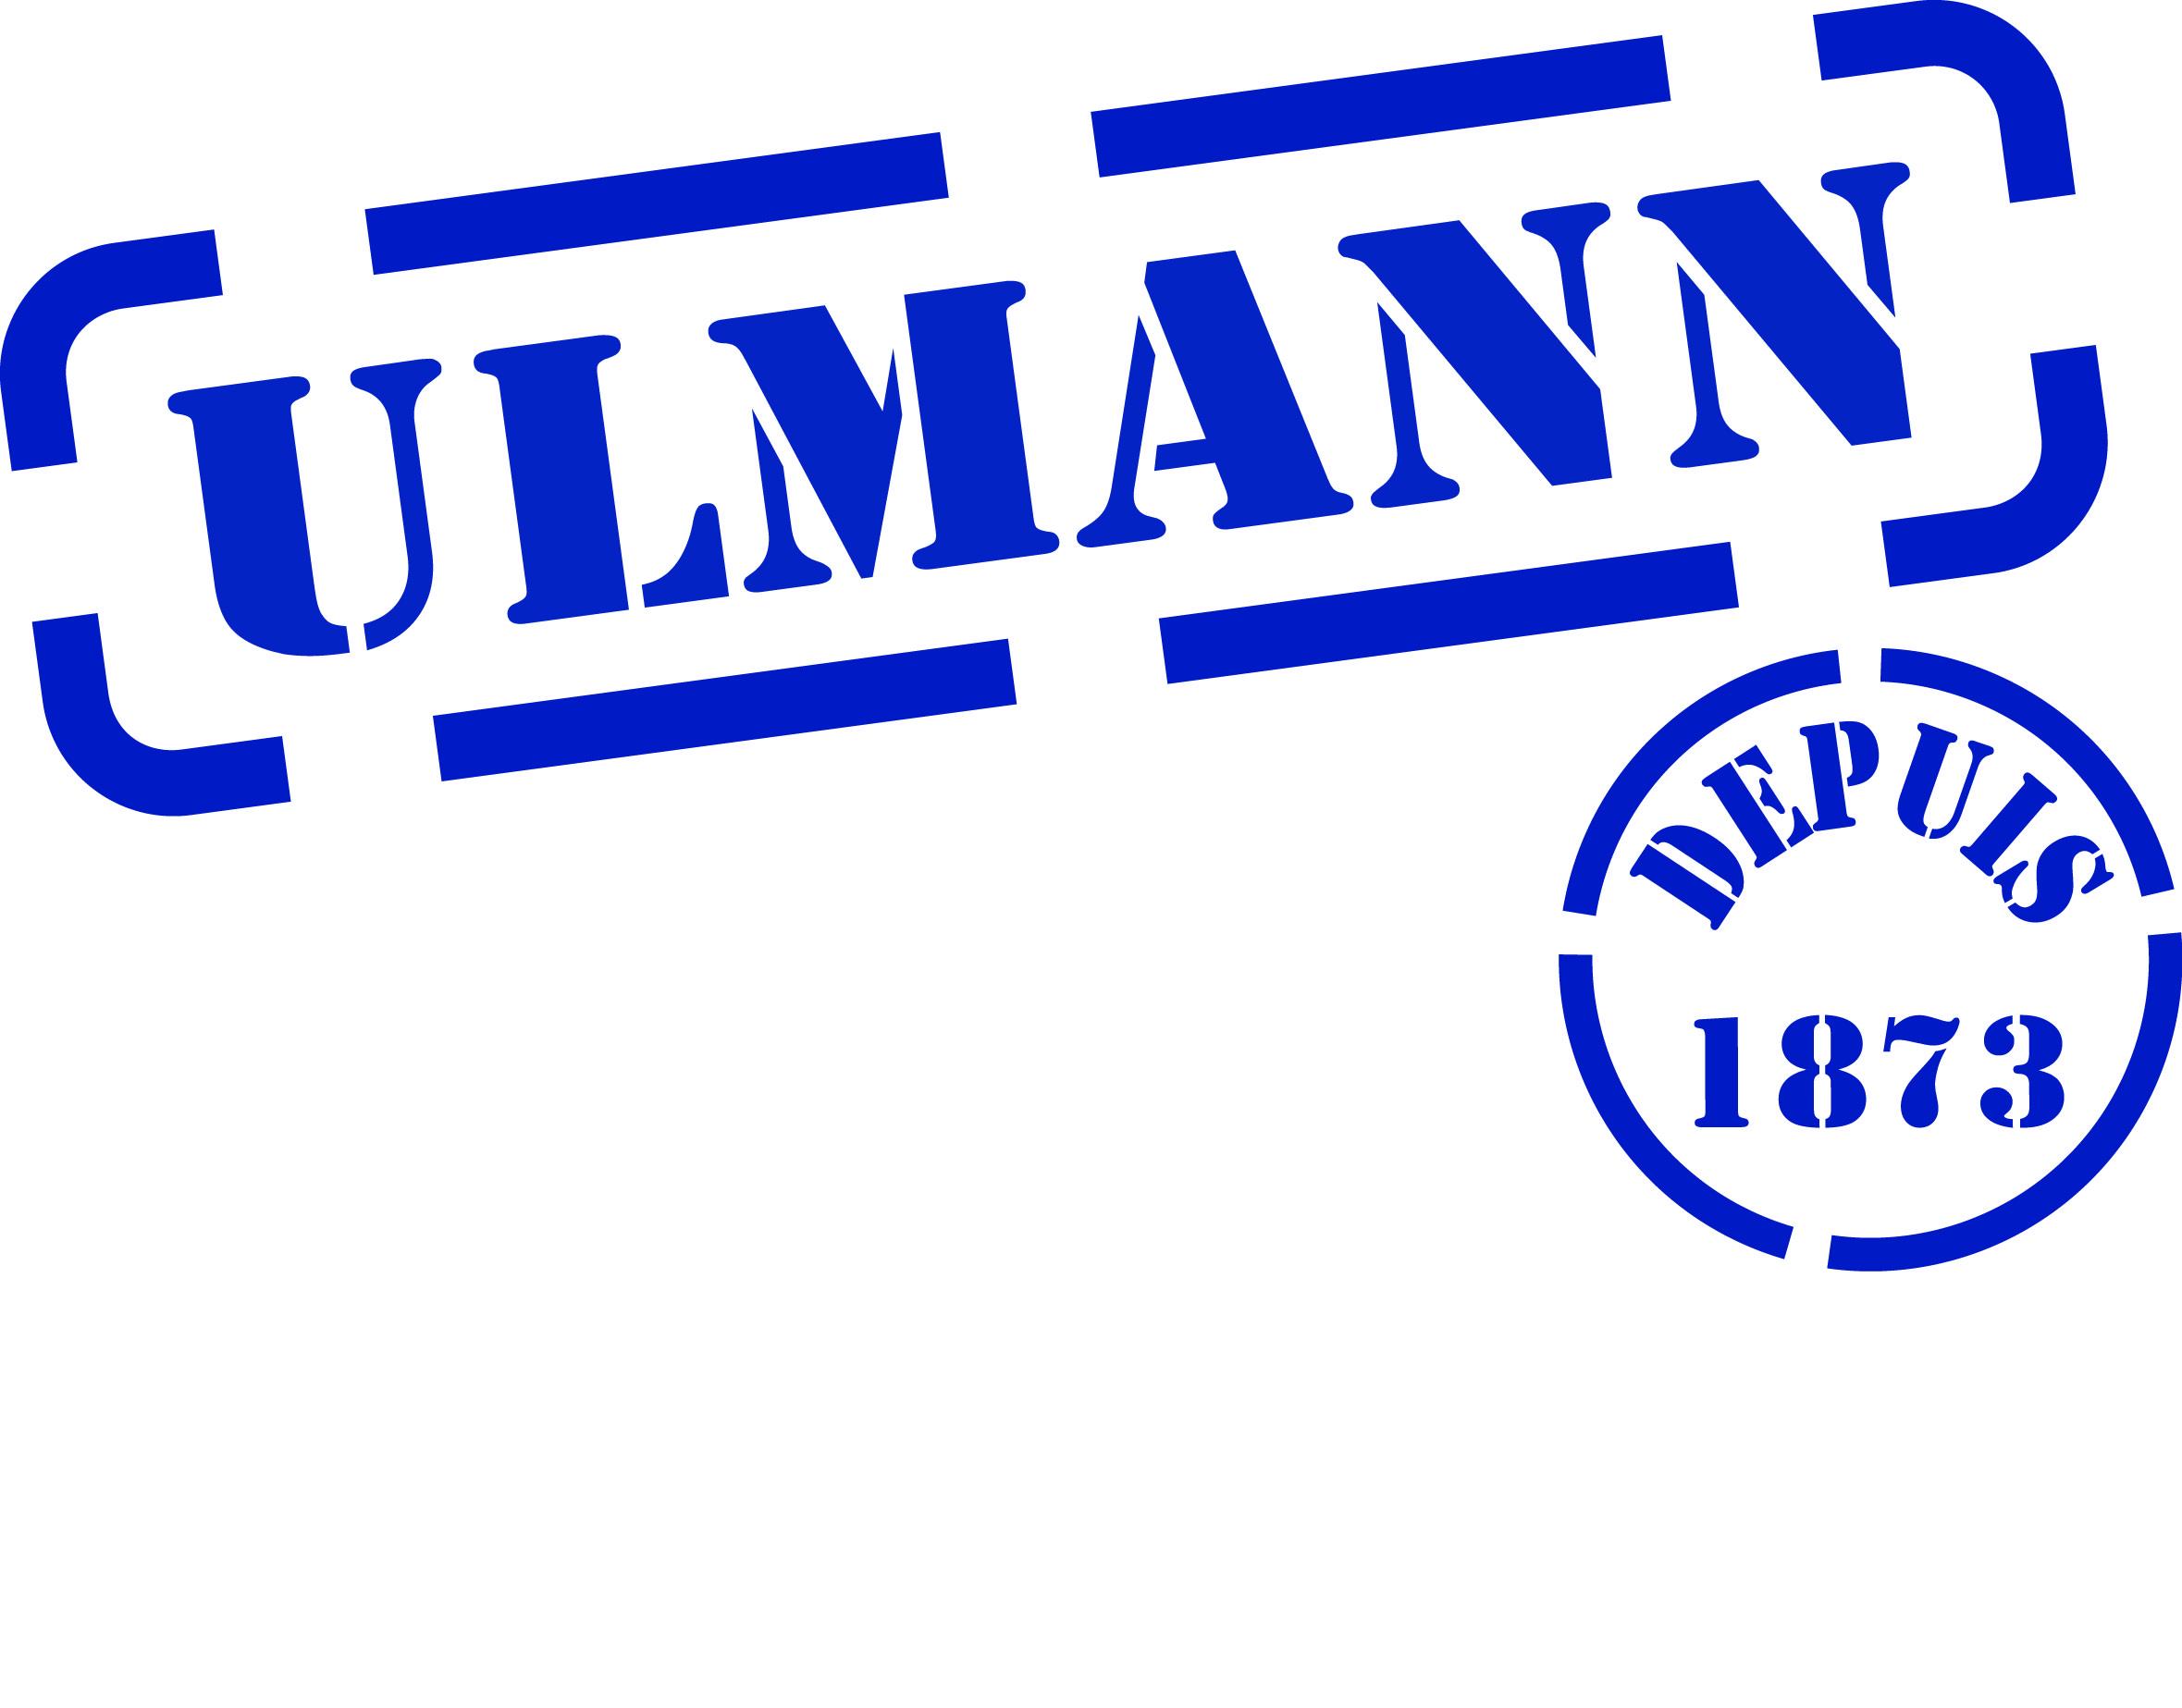 Ulmann depuis 1873